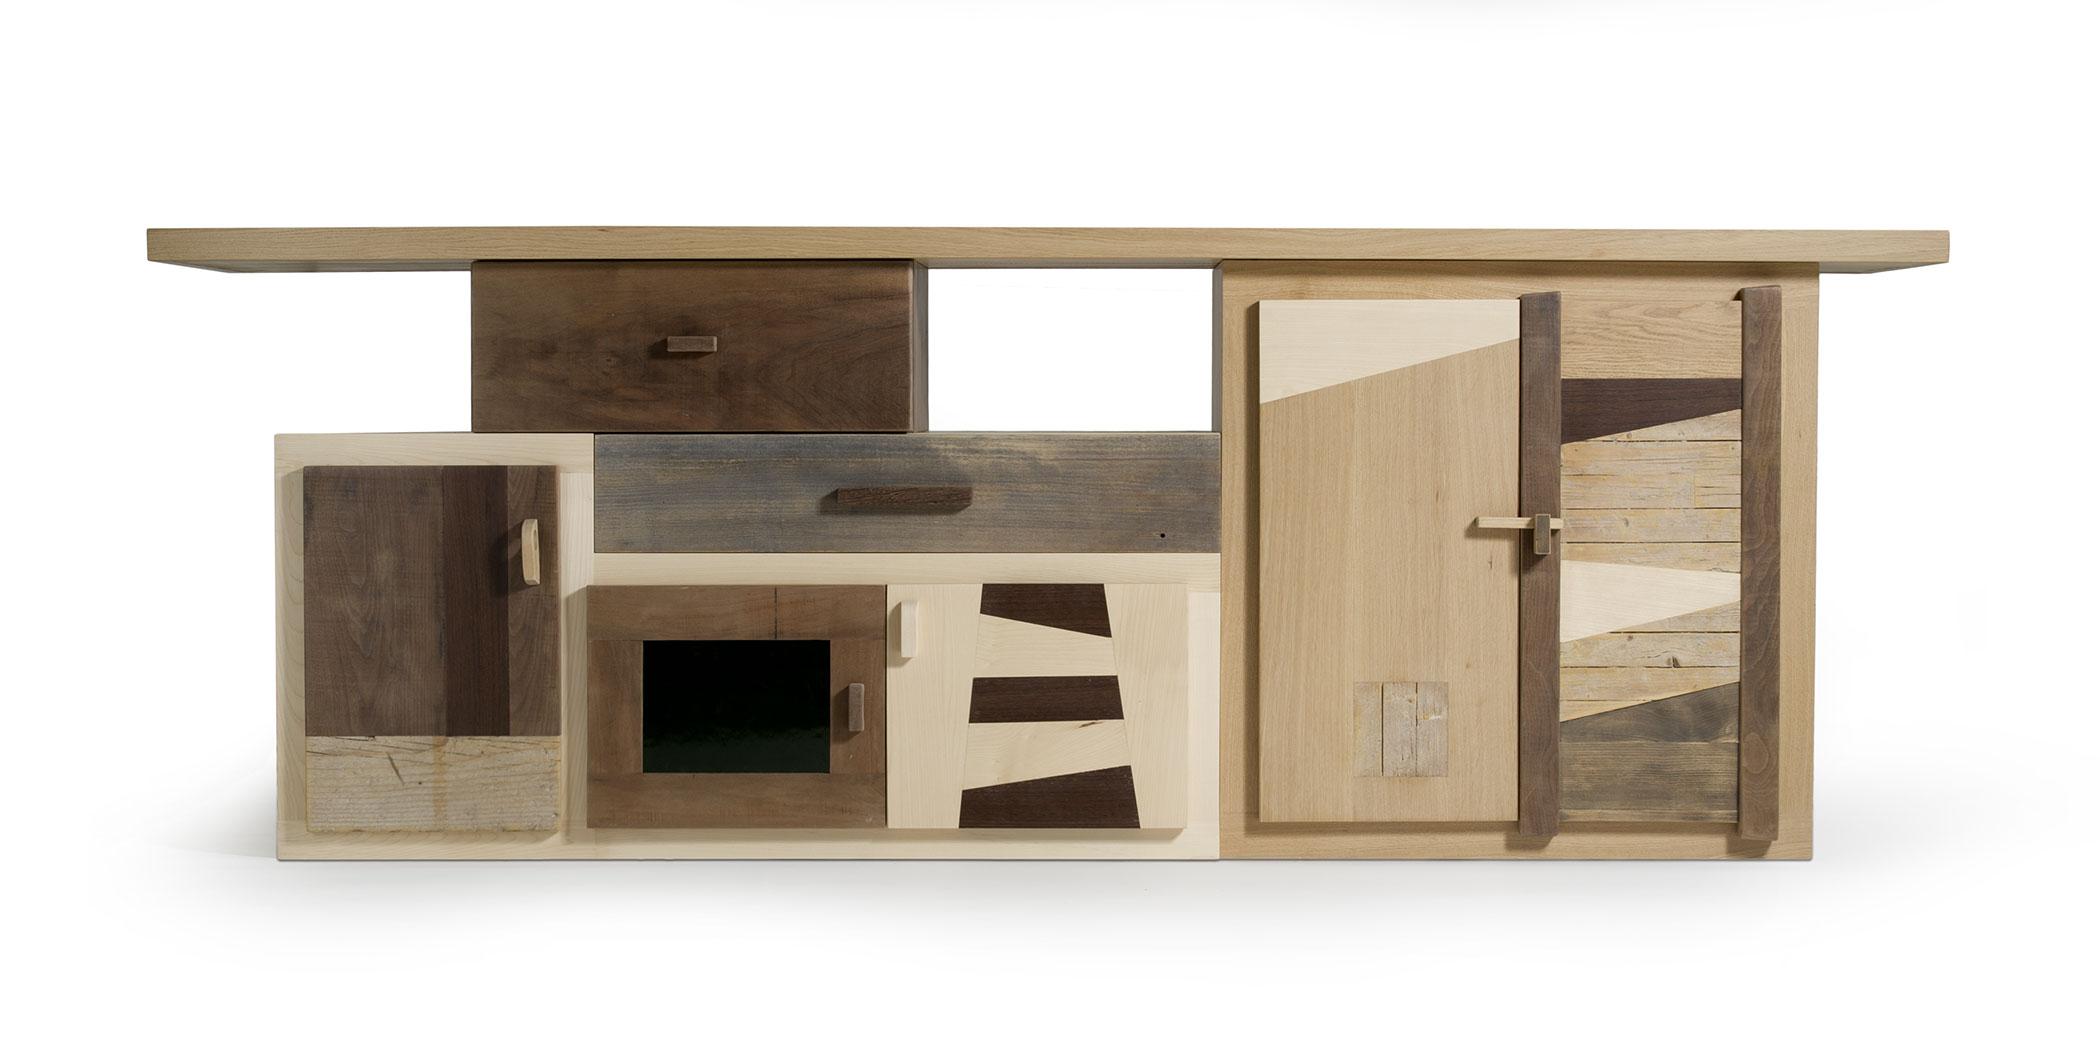 Arredi su misura per la zona living e la casa. Arredamenti con legno di recupero e massello